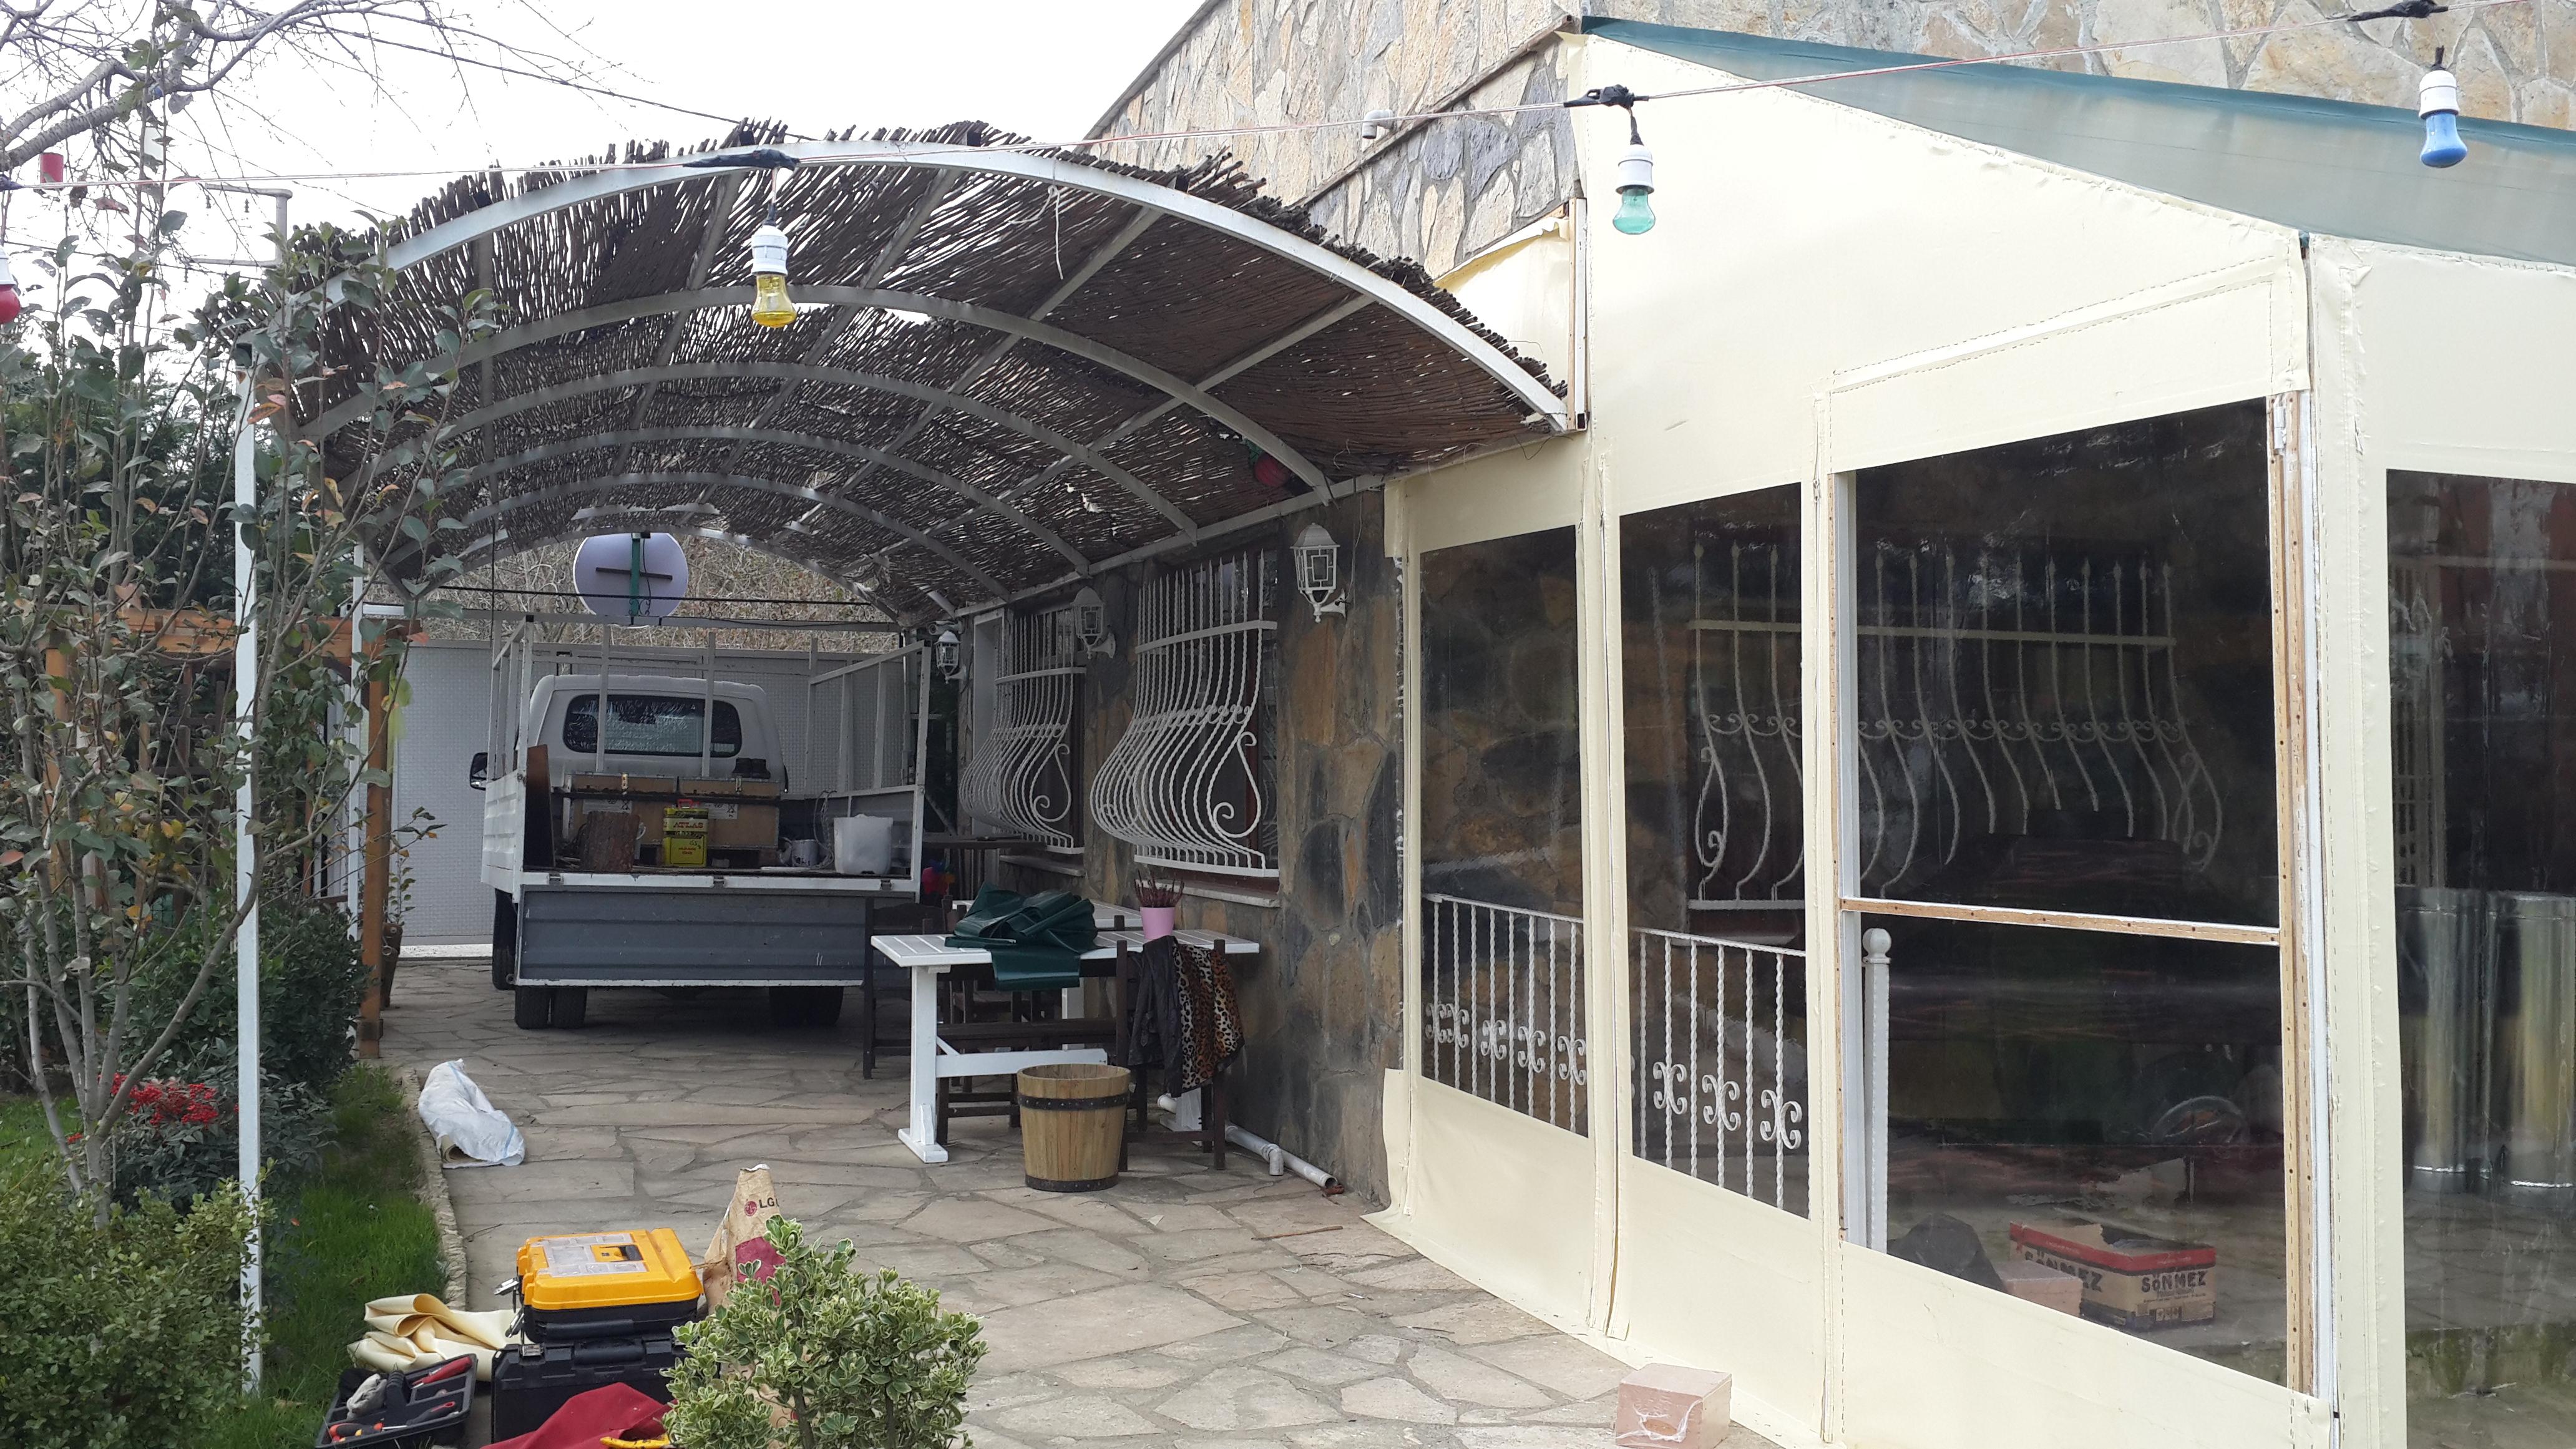 Merter Brandacı   Tente Çadır İmalatı Kaliteli ve Uygun Fiyat – Ekvator Branda